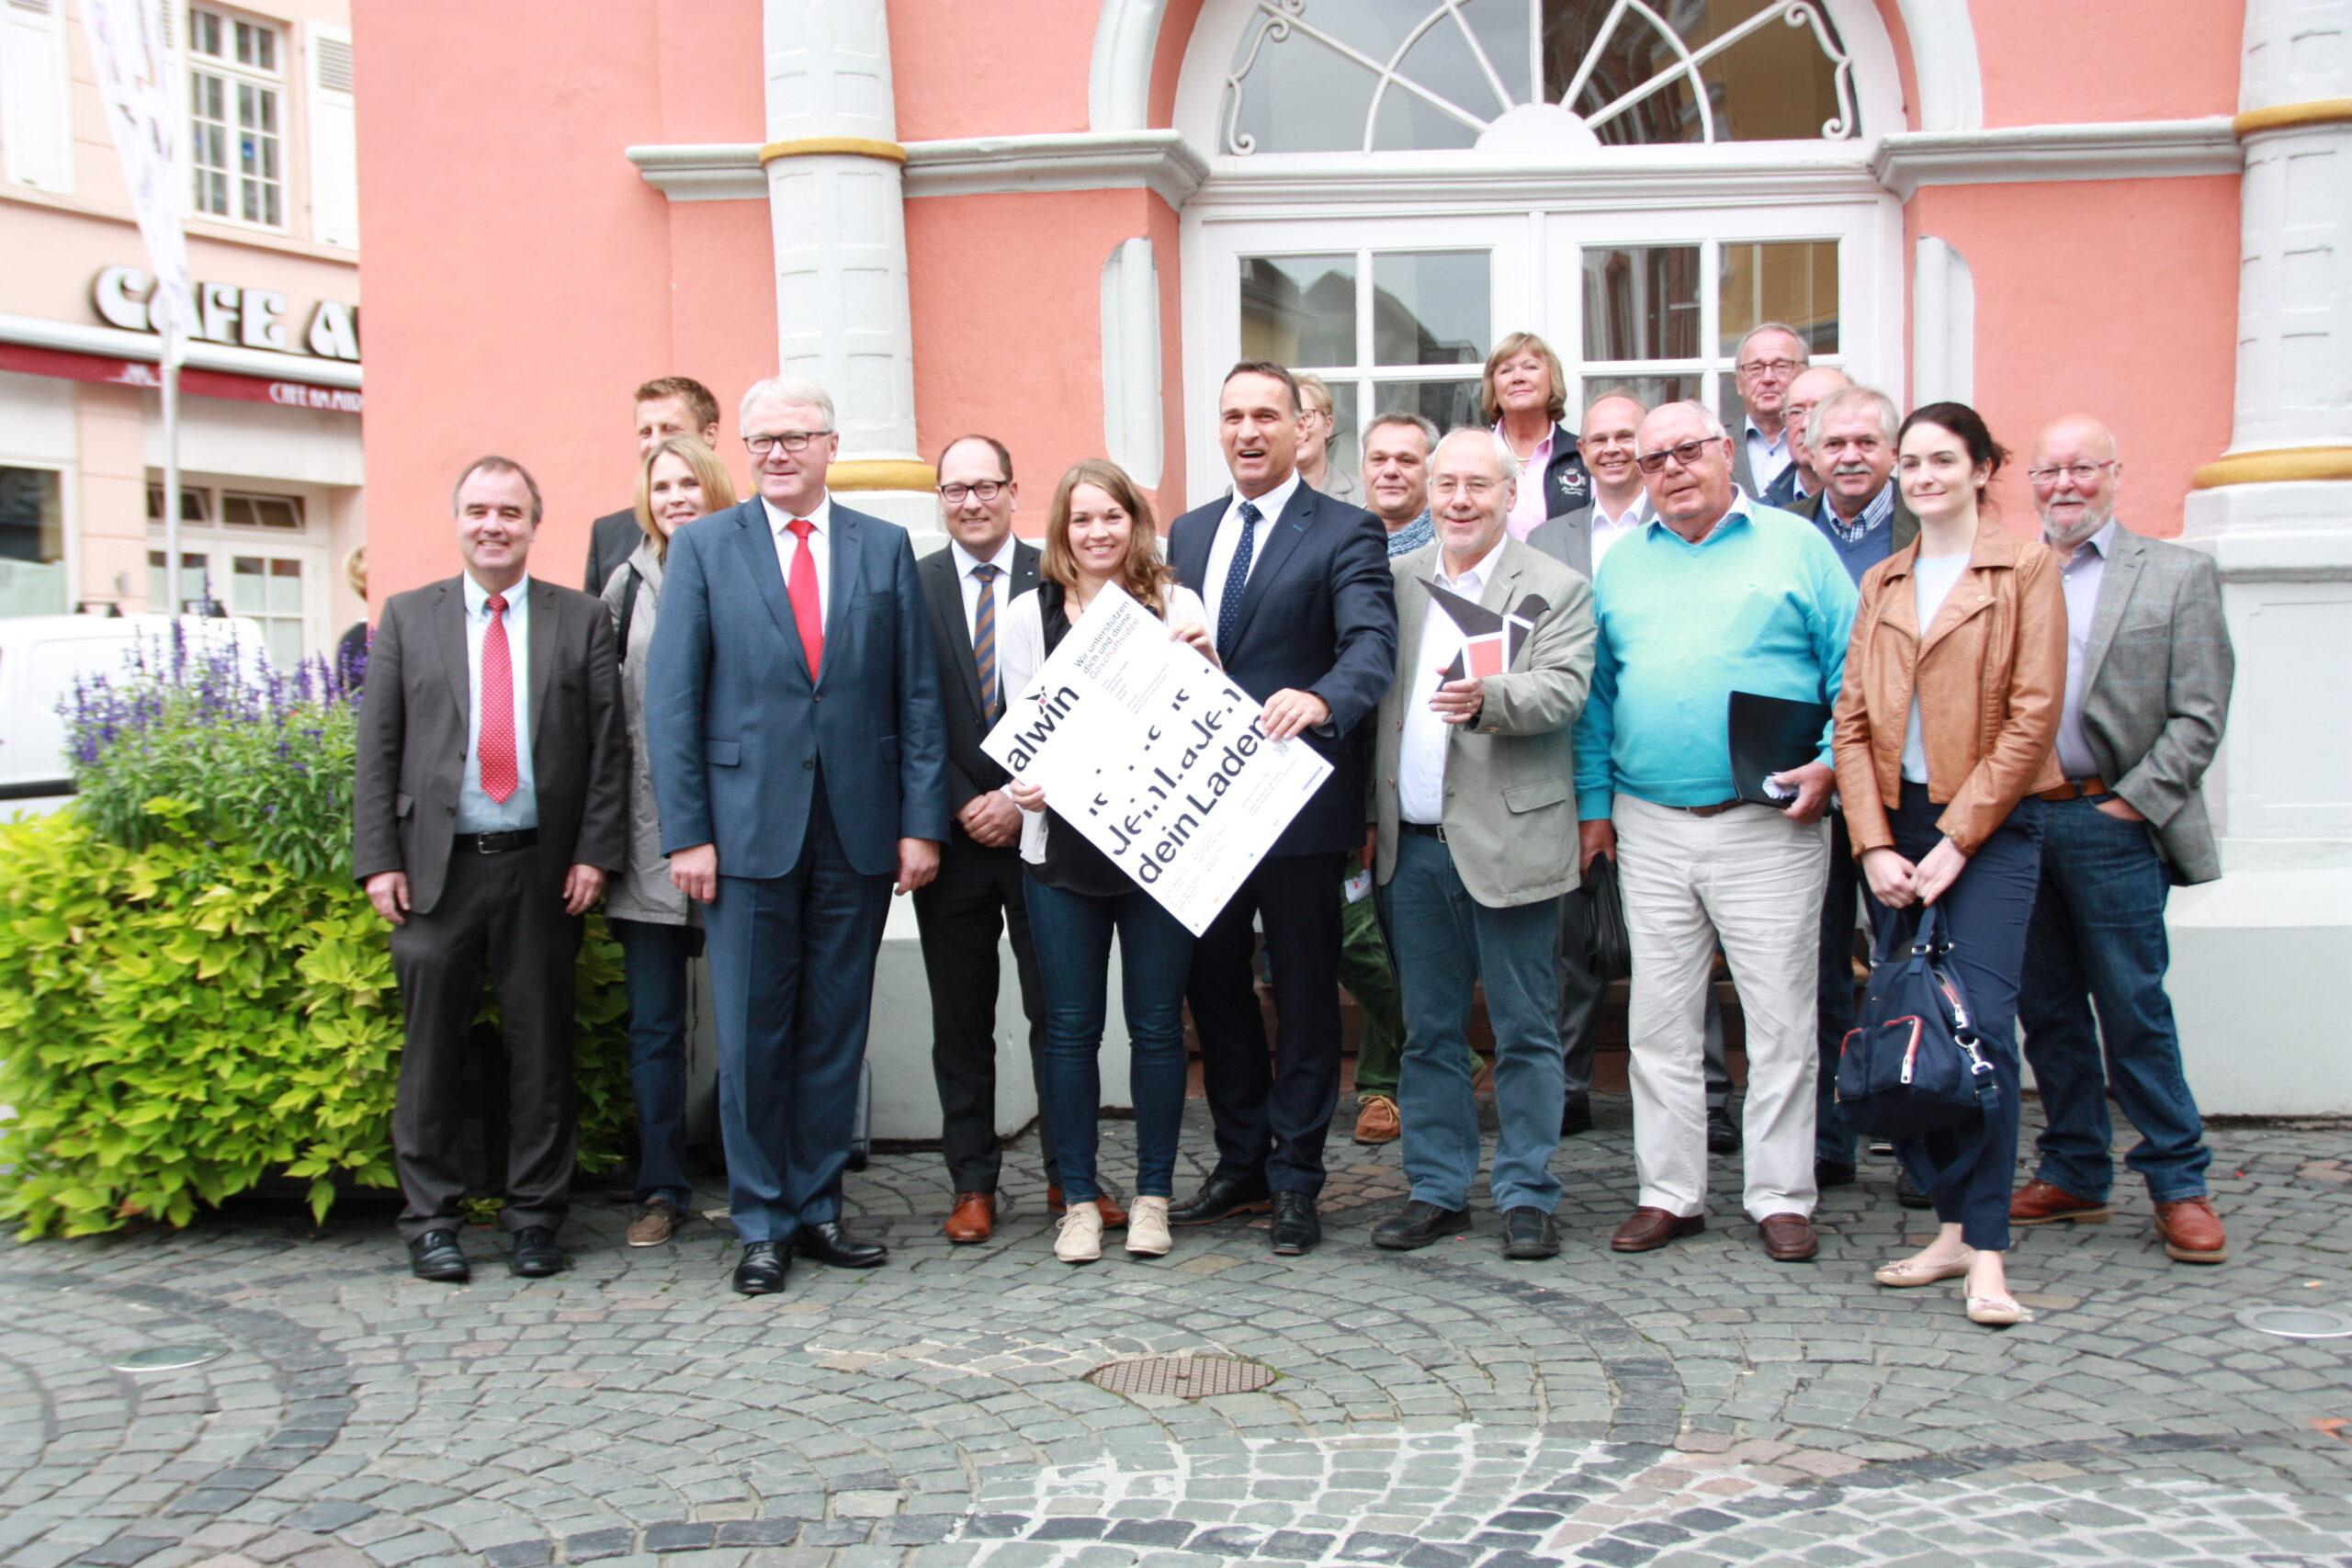 Wittlich_Pressekonferenz_alwin_einJahr_Carolin Thomas_Stadt Wittlich_2018